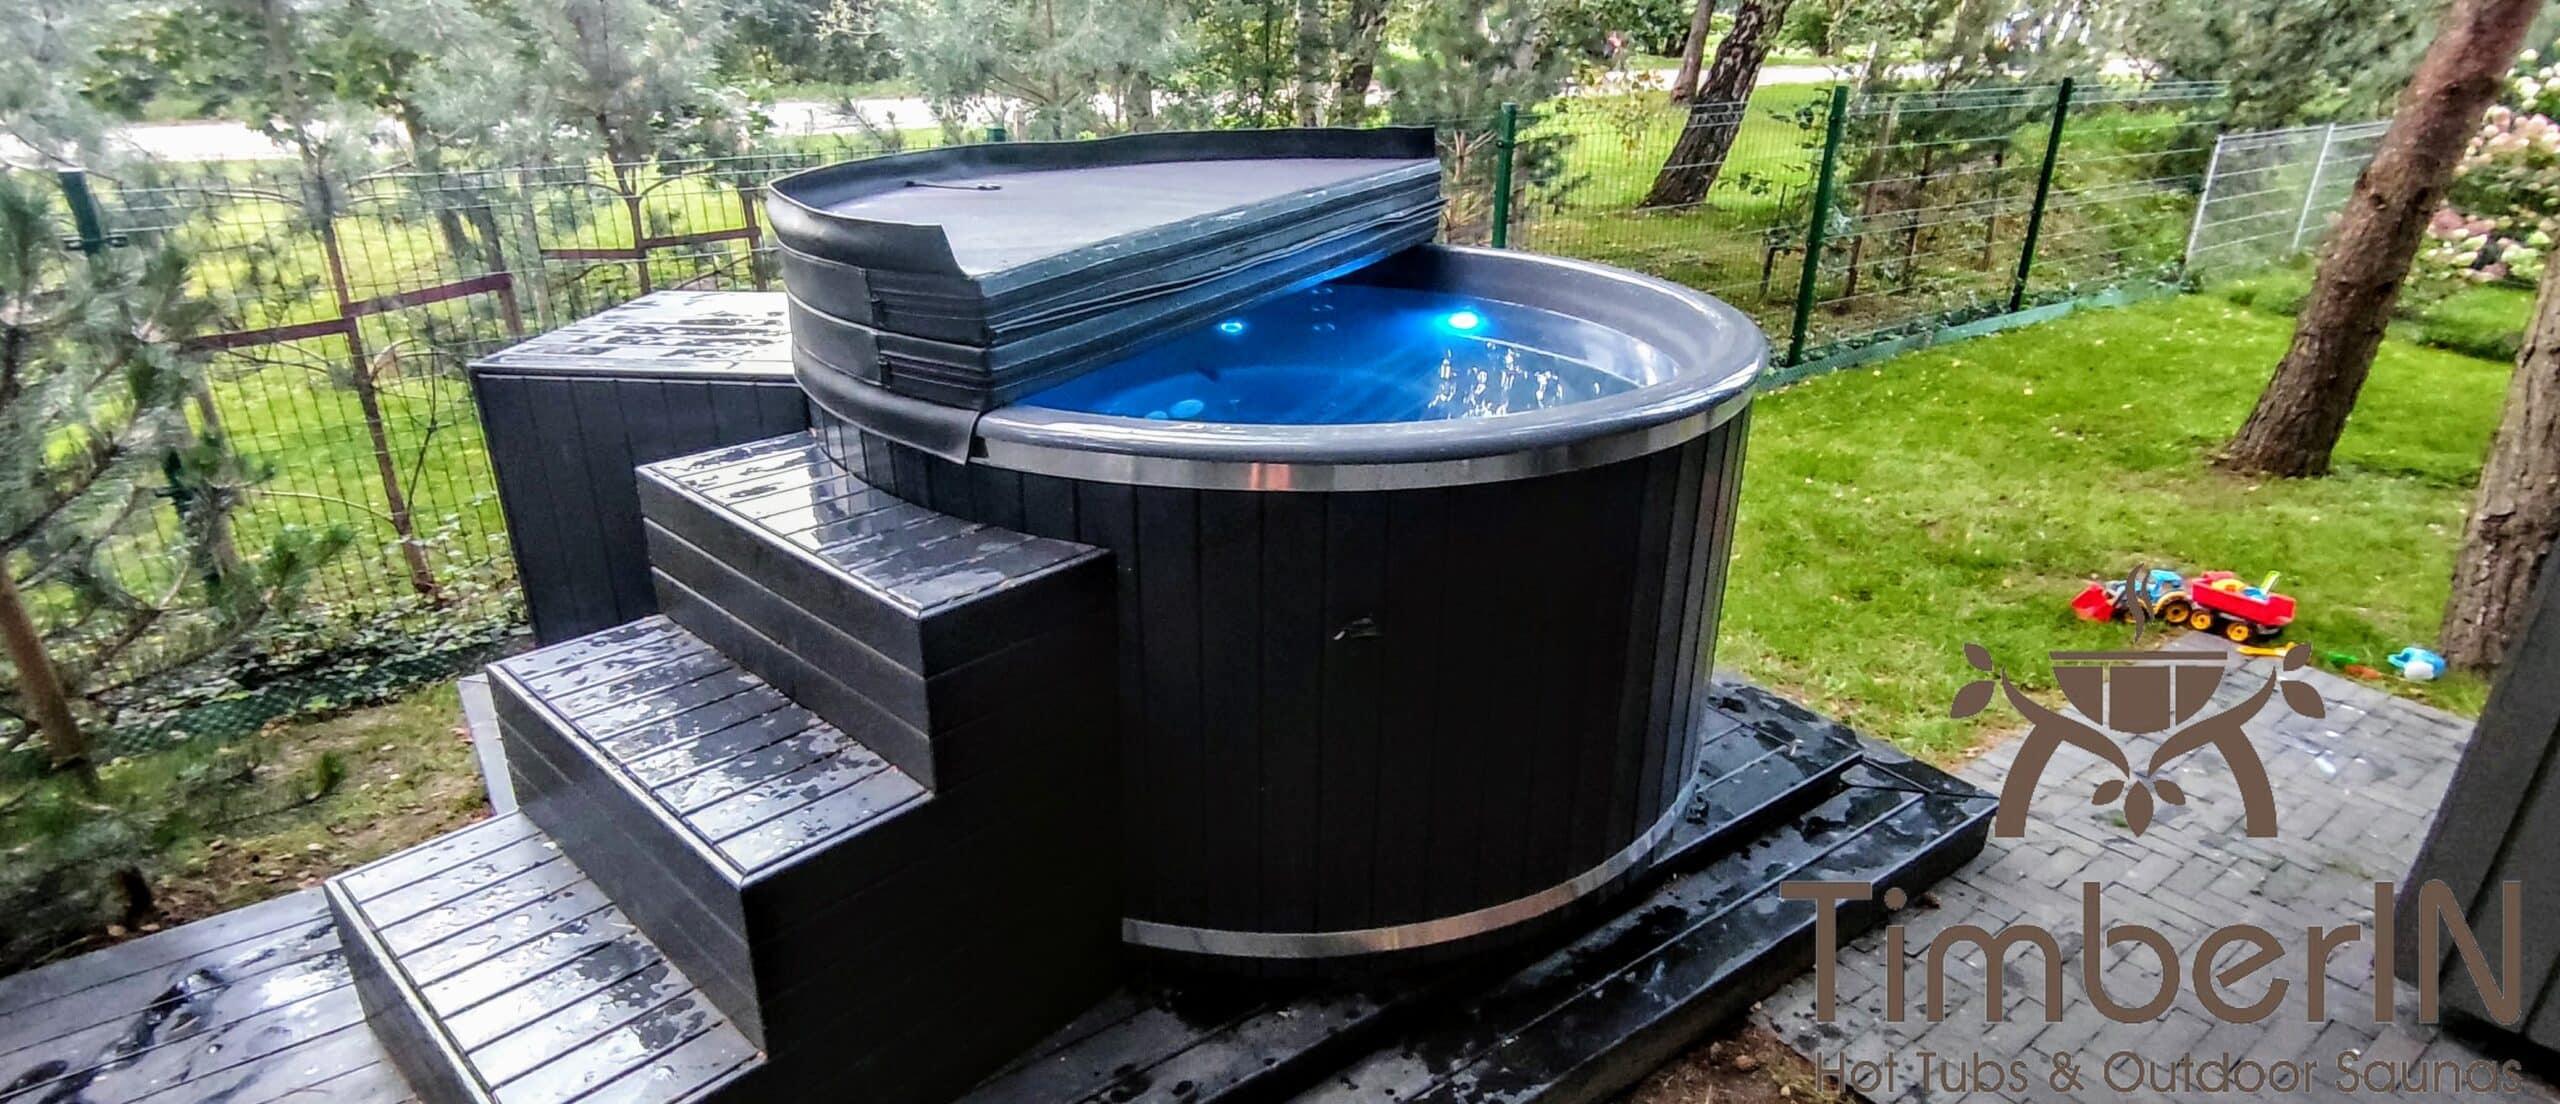 Badezuber elektrisch beheizt mit Elektroheizung 8 scaled